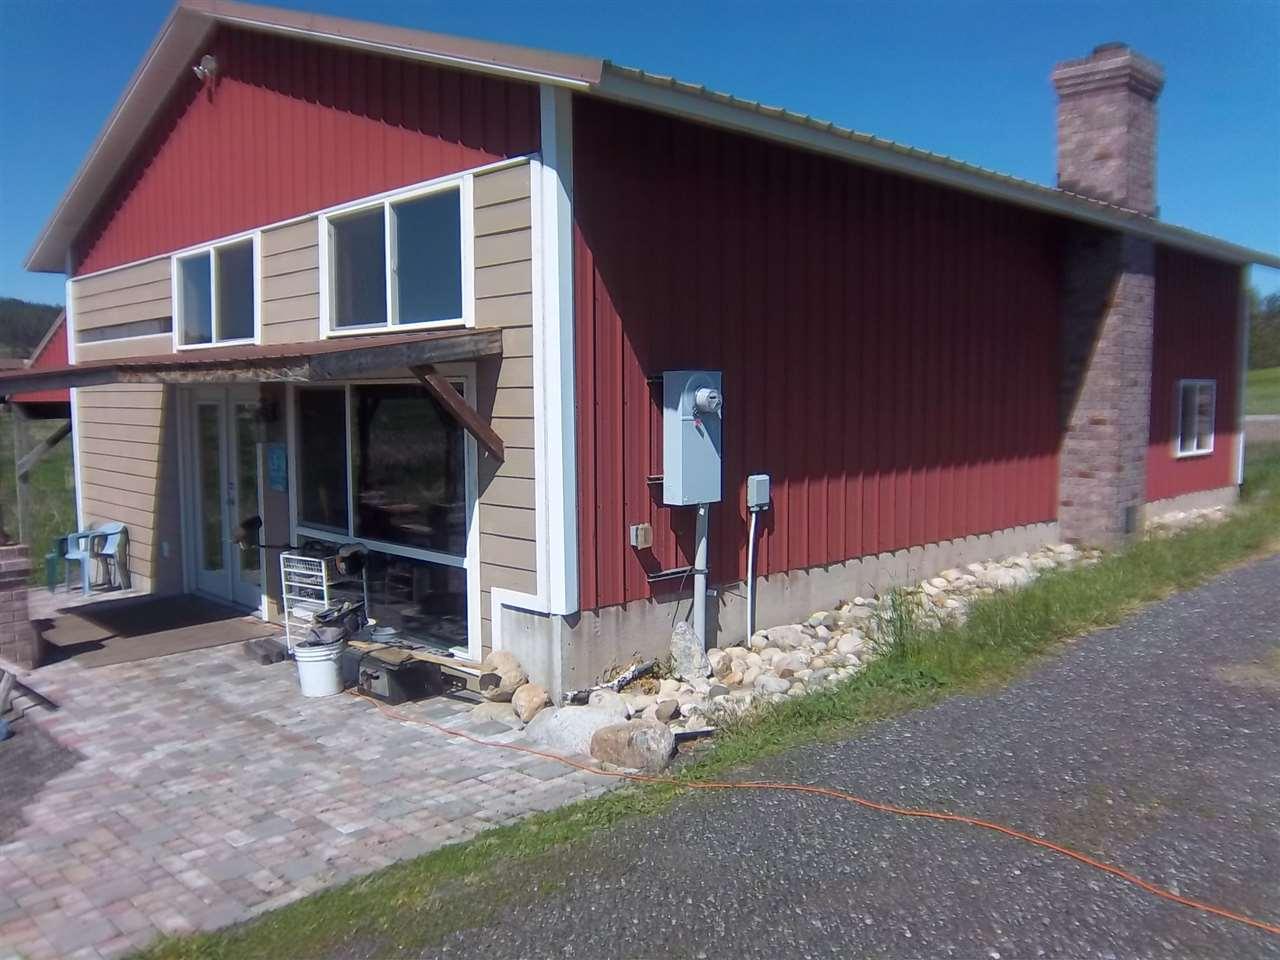 13121 N Peone Rd, Mead, WA 99021